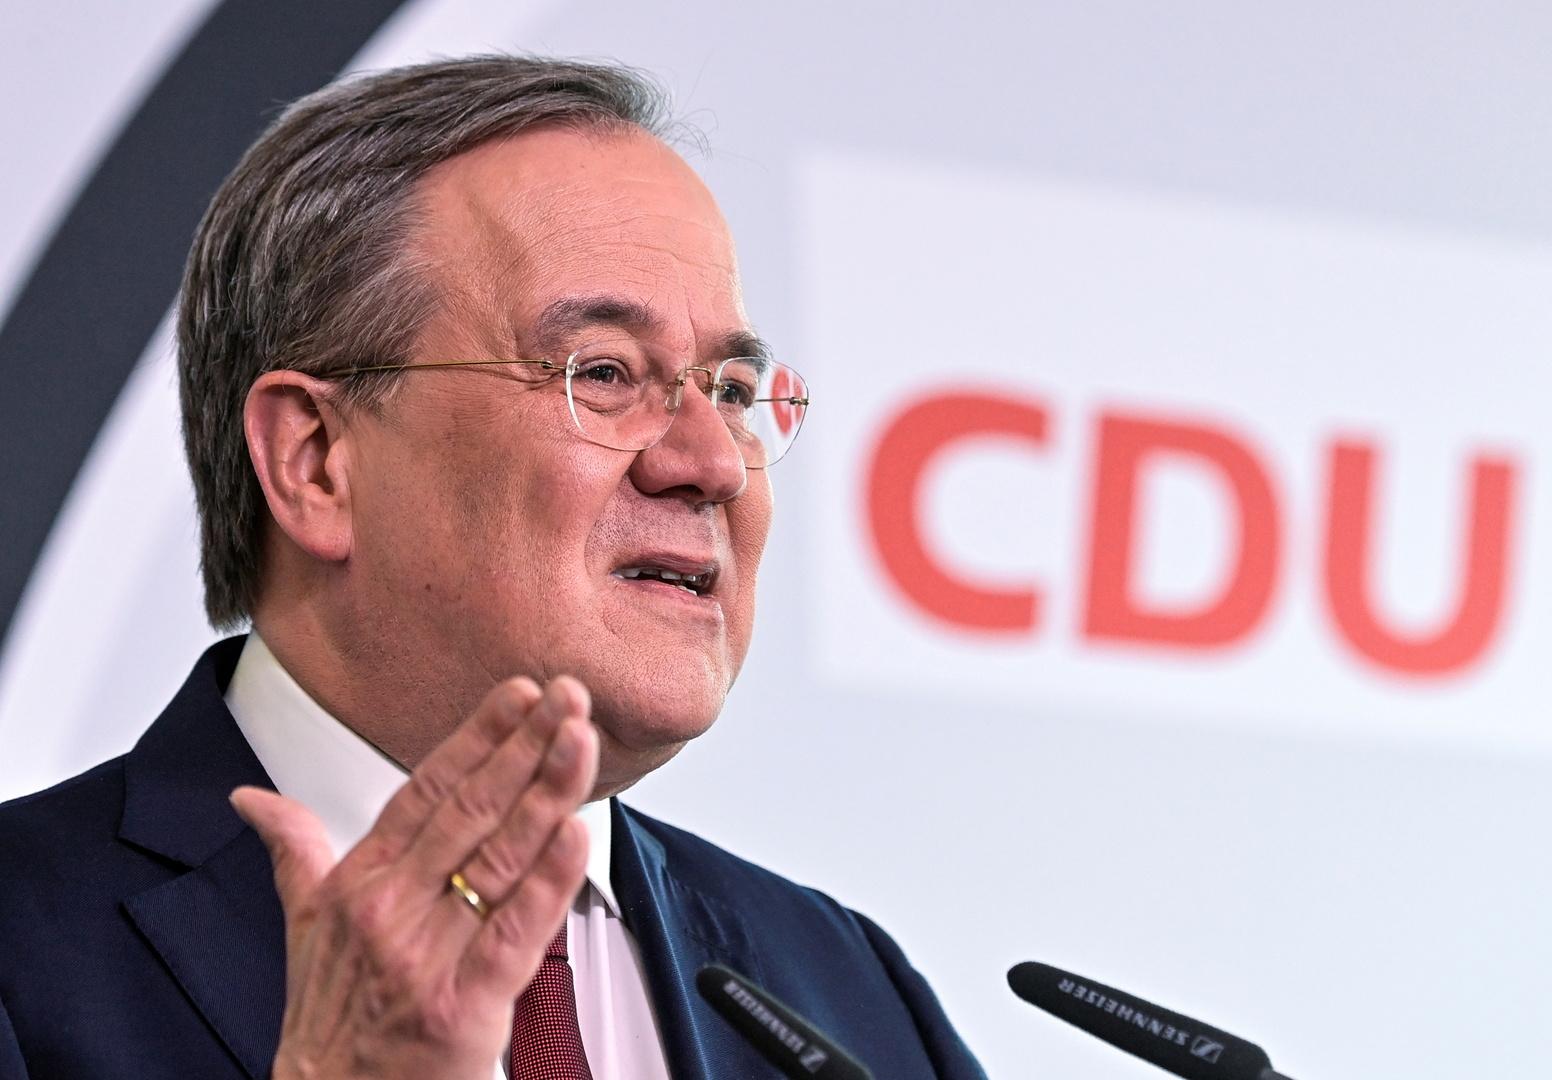 ترشيح لاشيت لمنصب المستشار الألماني عن حزب ميركل